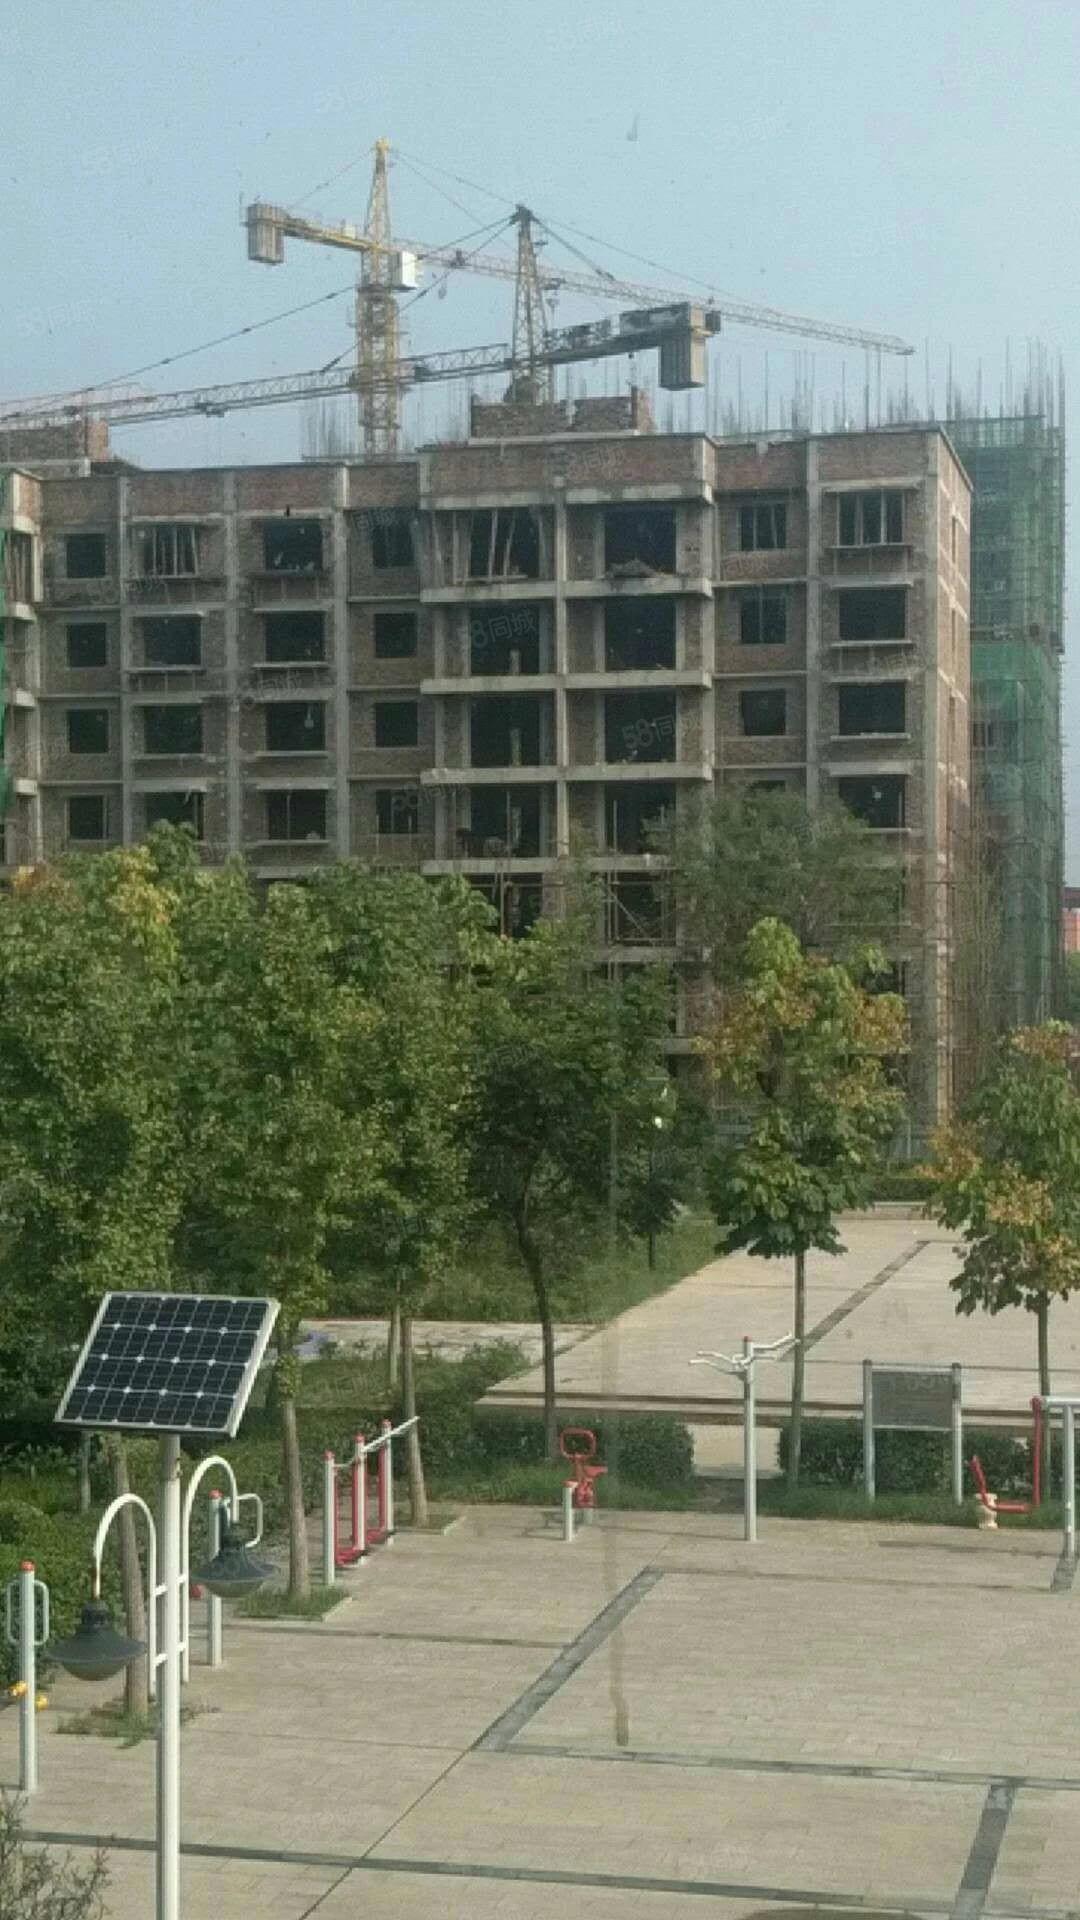 周口市翔宇花园楼房存在严重质量问题 - 河南省委书... - 人民网